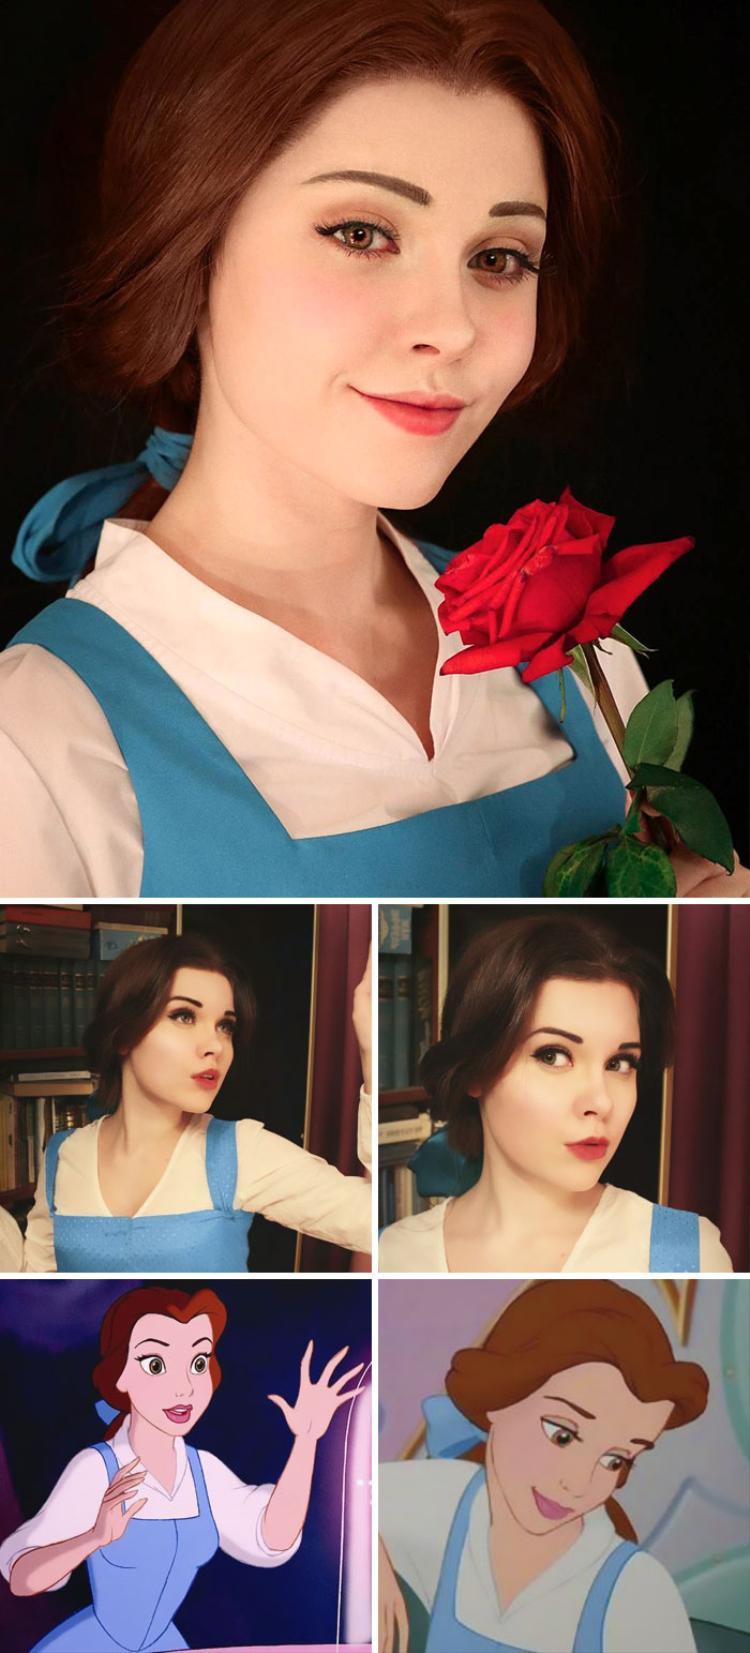 Không chỉ đầu tư trang điểm, làm tóc hay trang phục, cô gái Nga còn có biểu cảm và phong thái giống hệt nhân vật mà cô cosplay. Trong ảnh là nàng Belle trong phim Người đẹp và Quái vật (phiên bản hoạt hình).